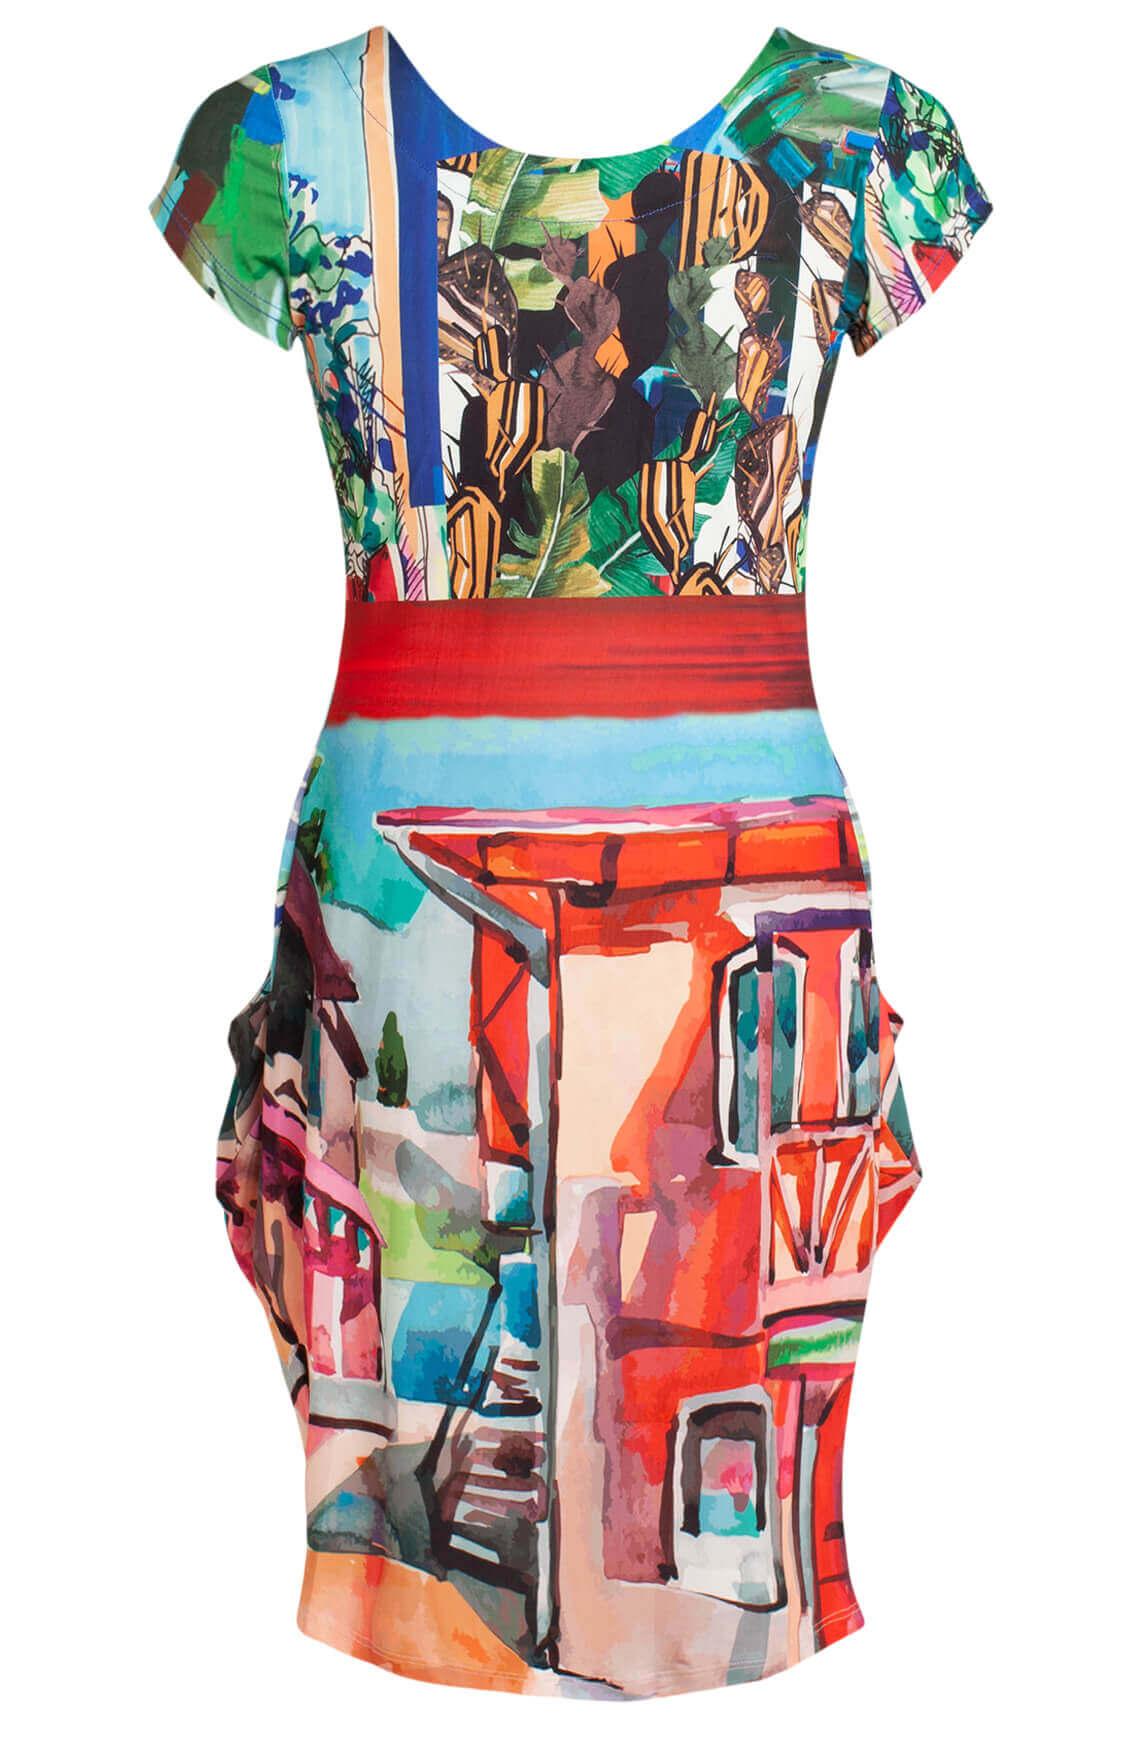 Eroke Dames Abstracte jurk MultiColor